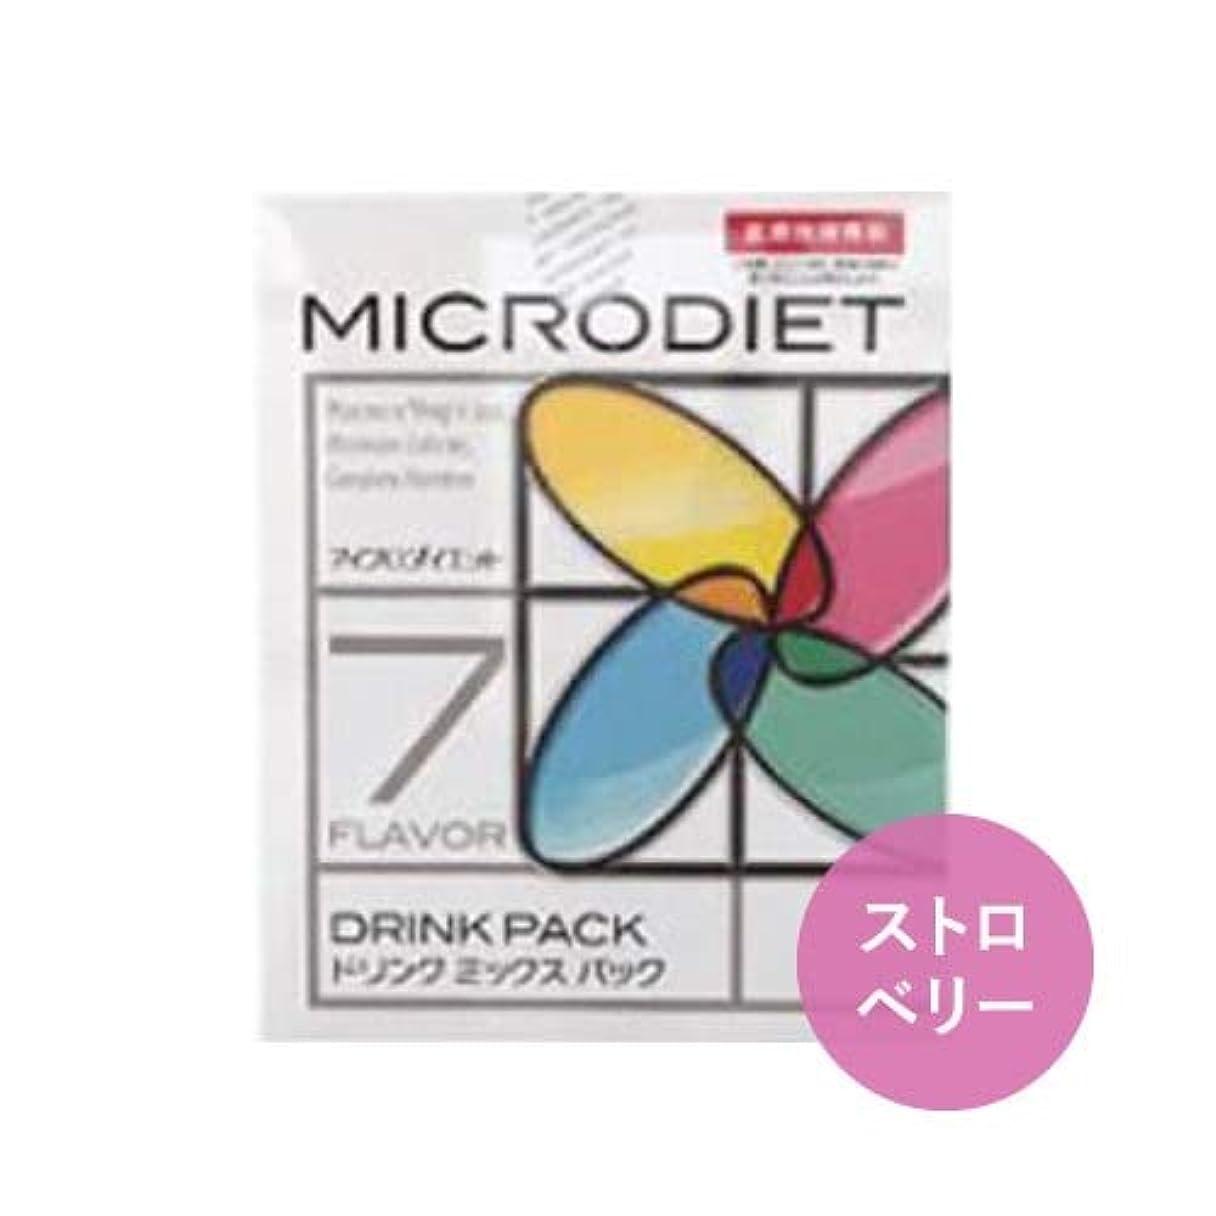 告発干渉する料理マイクロダイエット MICRODIET ドリンクタイプ 7食 ストロベリー味